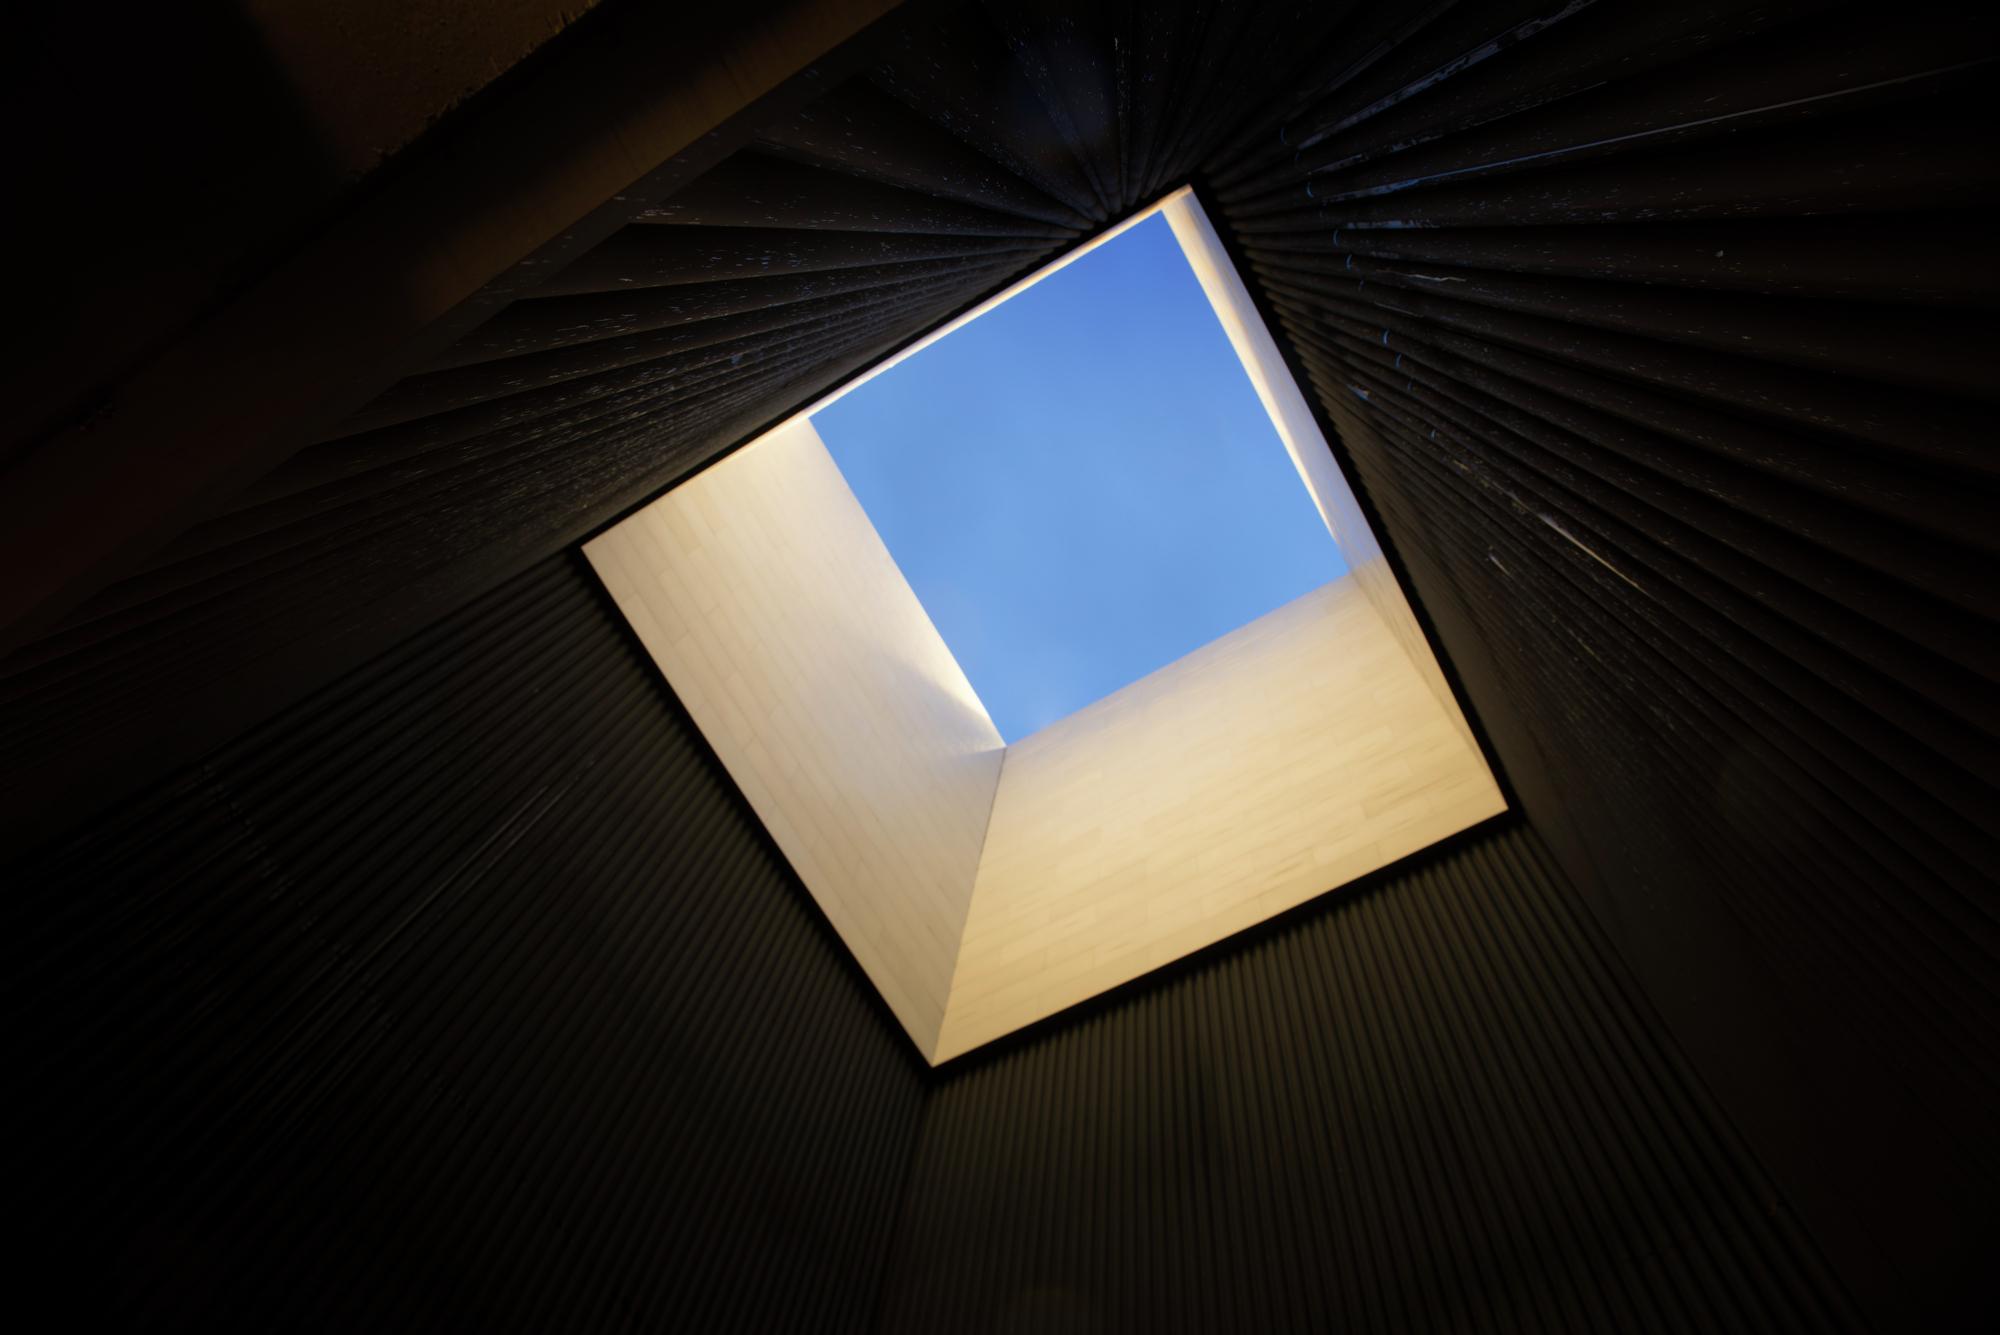 En detalle reinterpretaci n de un cubo de iluminaci n por for Arquitectura materias